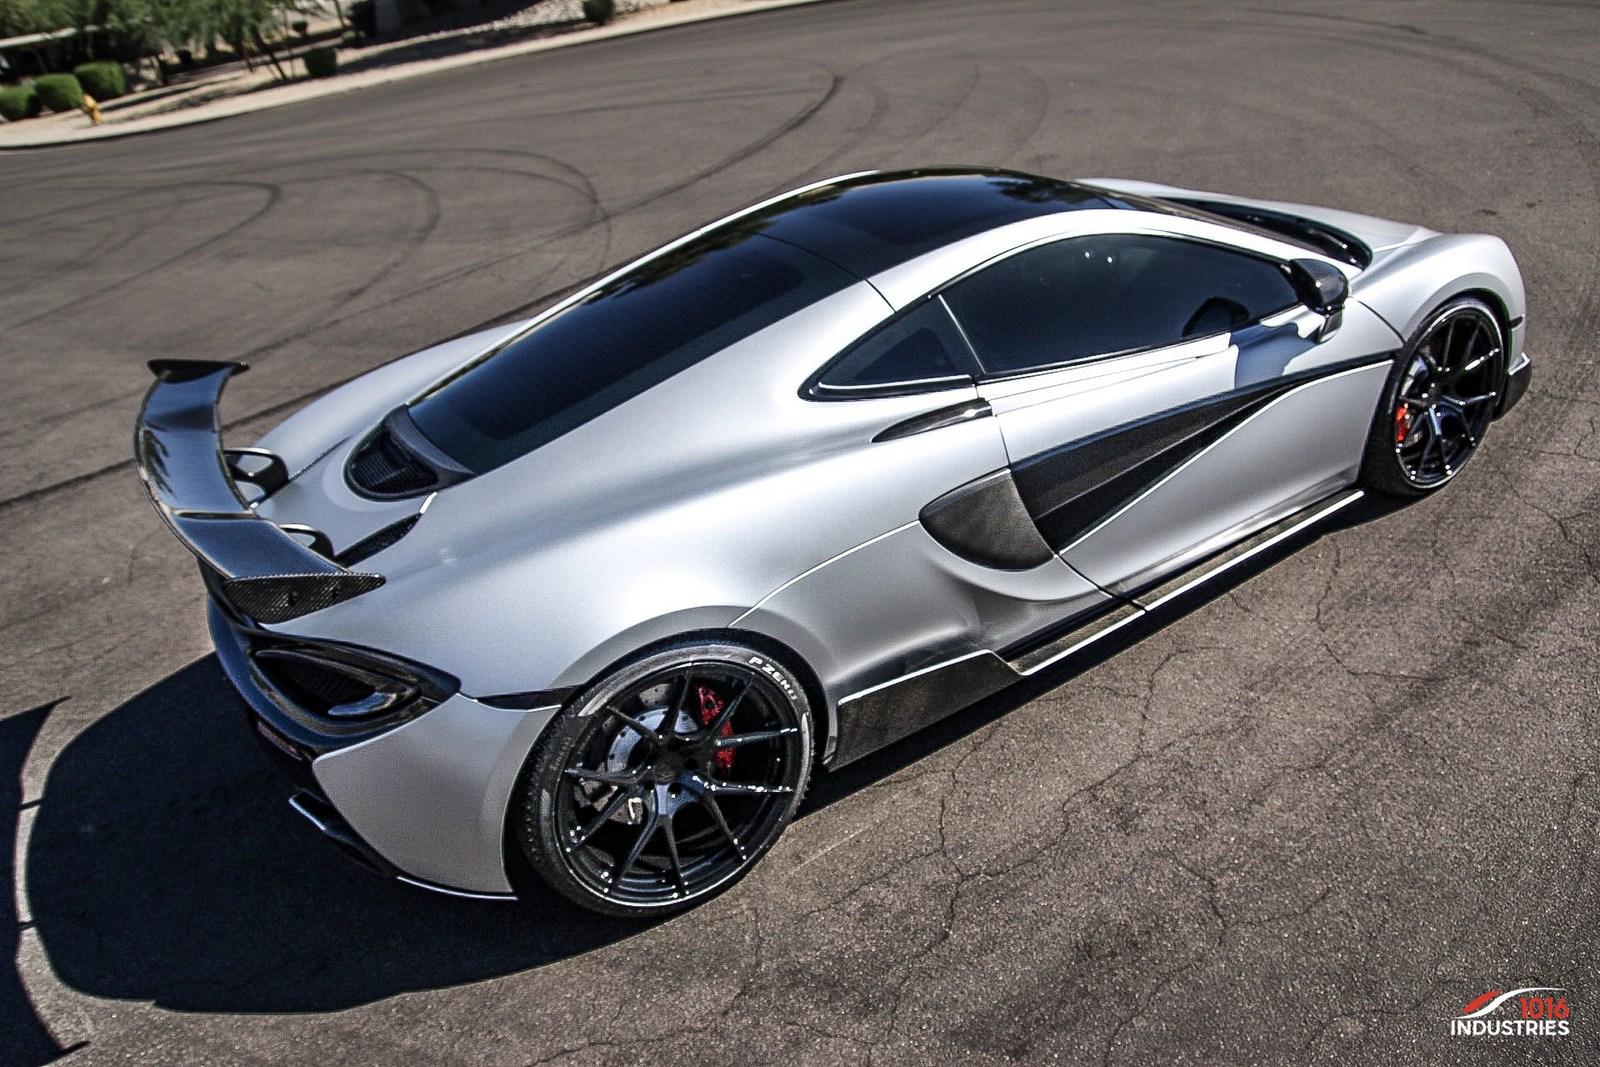 McLaren-570S-Sport-Series-by-1016-Industries-1 (9)